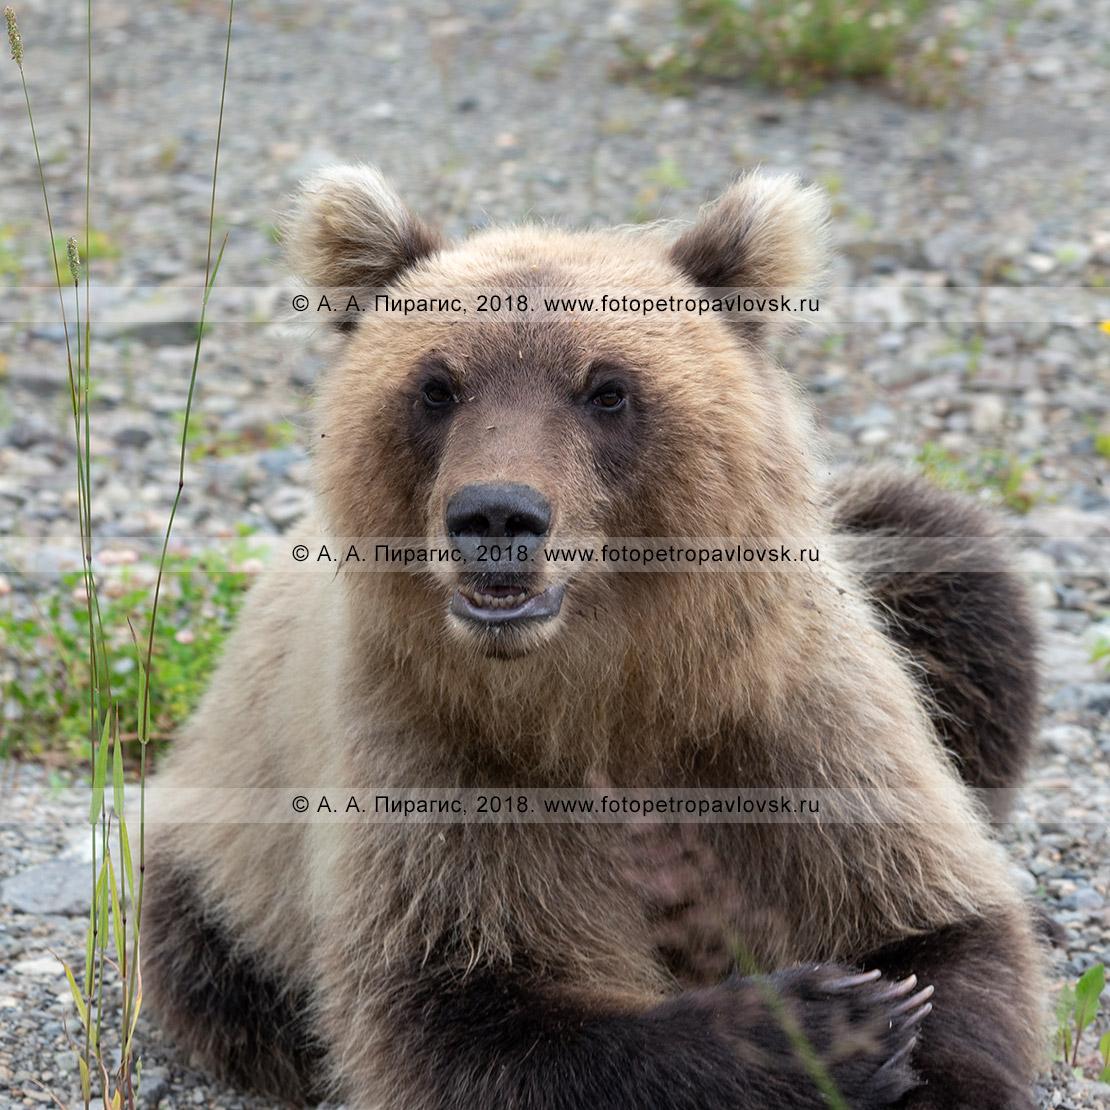 Фотография: портрет молодого камчатского бурого медведя крупным планом